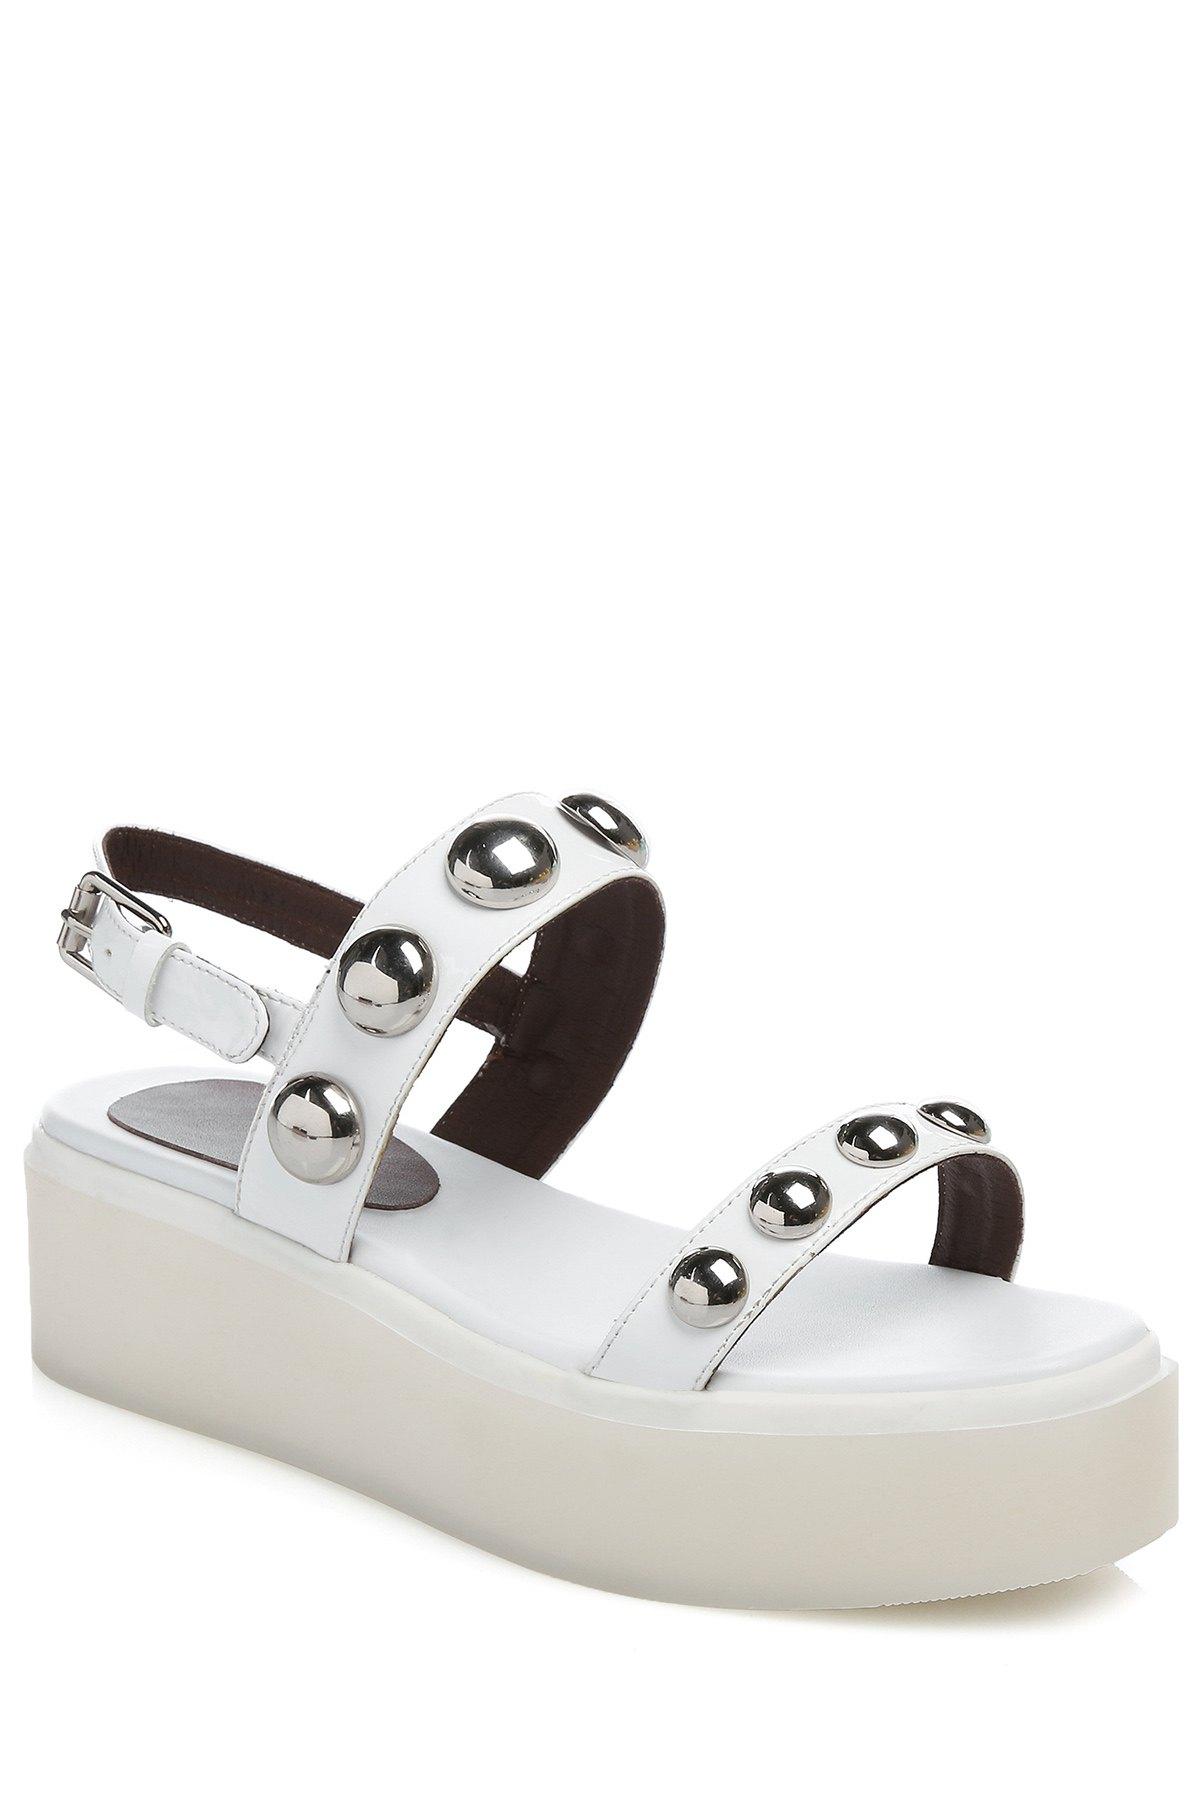 Buy Rivet Solid Color Platform Sandals WHITE 36